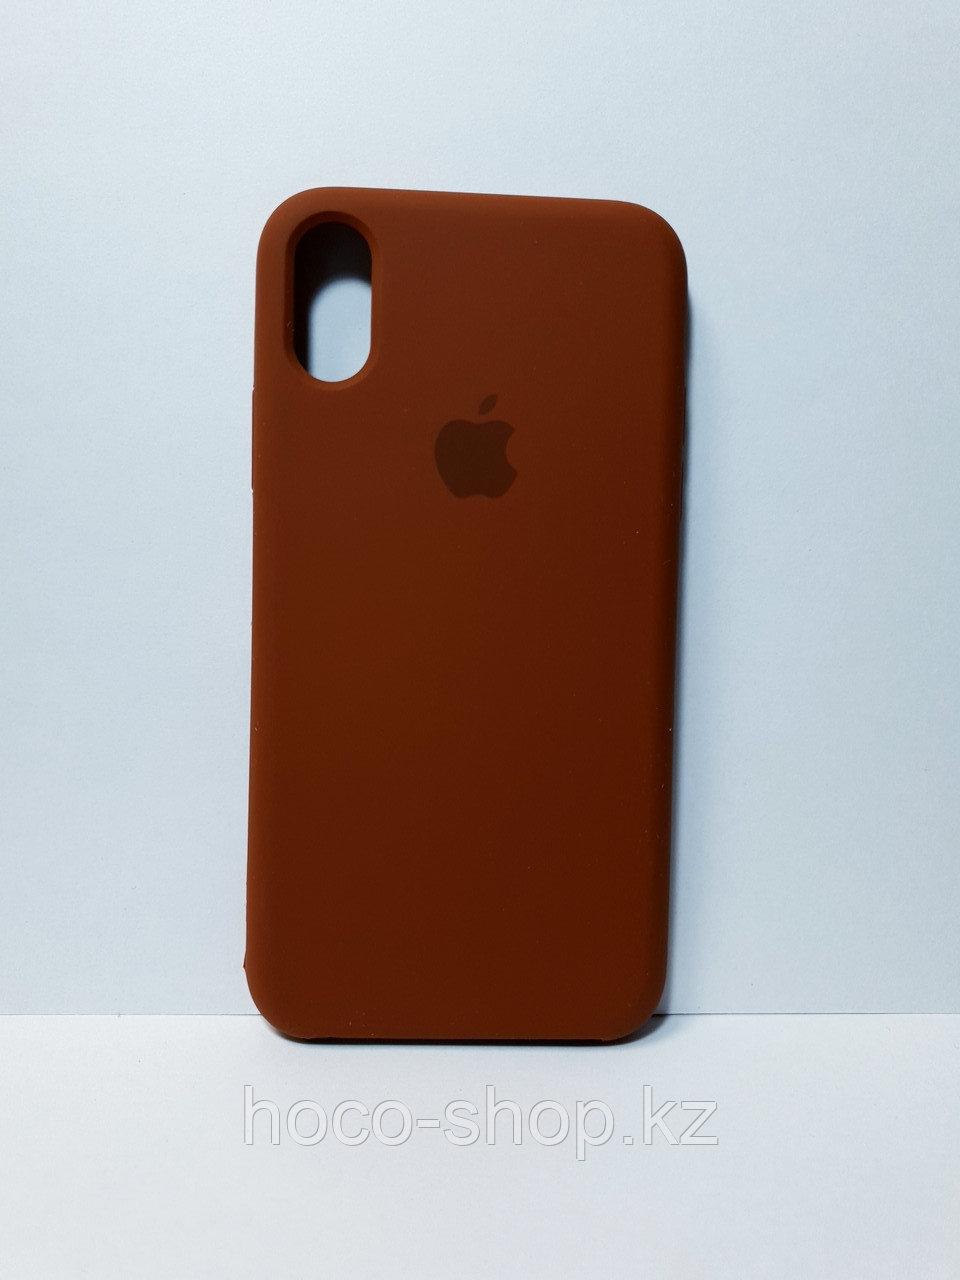 Защитный чехол для iPhone X/Xs Soft Touch силиконовый, коричневый